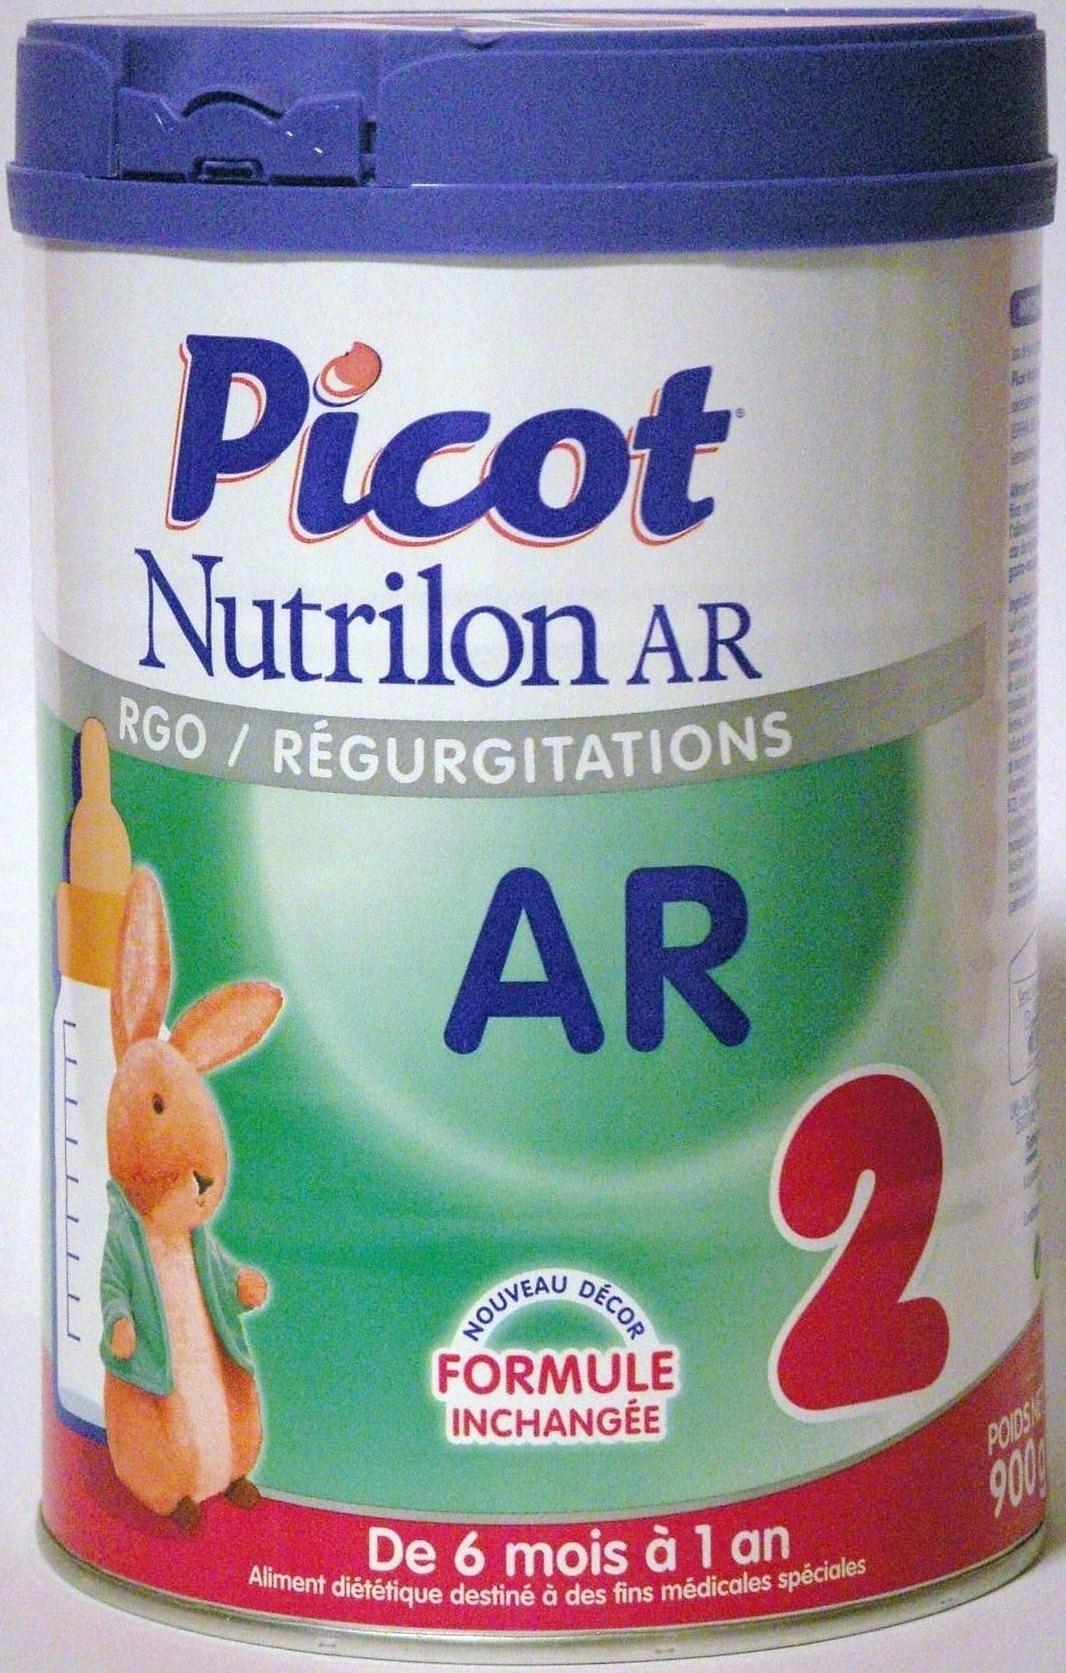 Nutrilon Picot AR - Product - fr